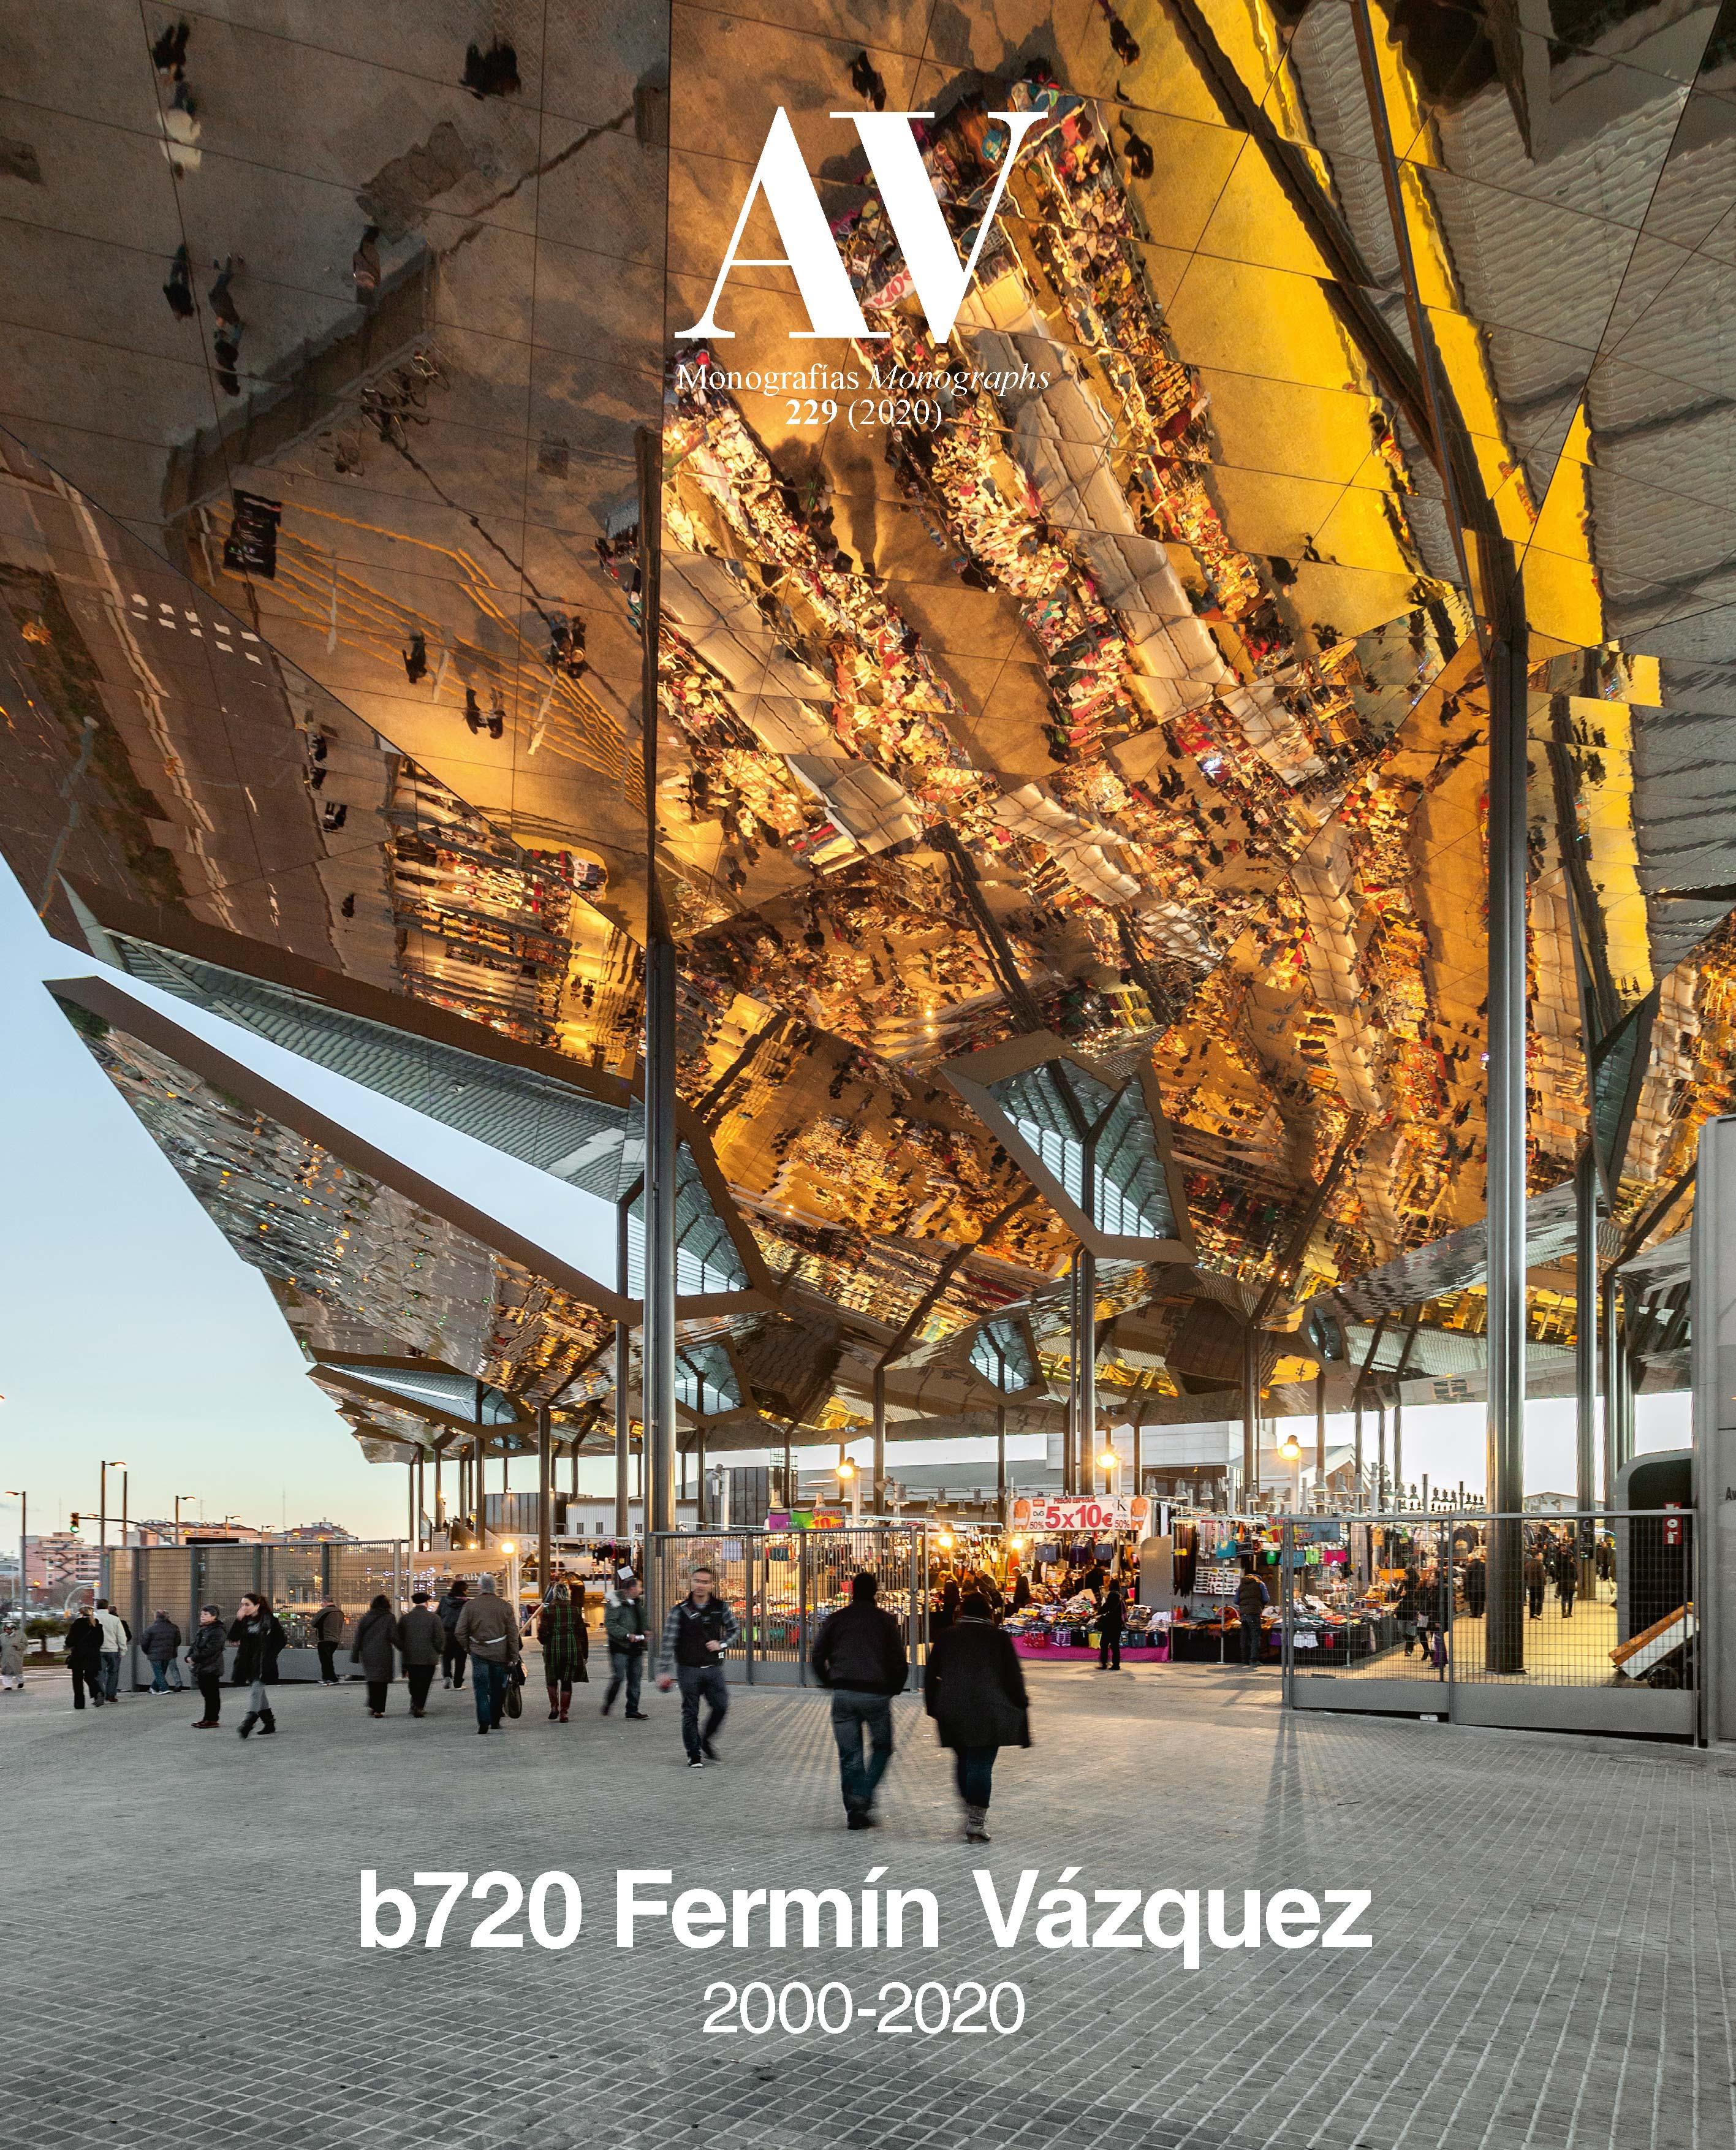 b720 Fermín Vázquez